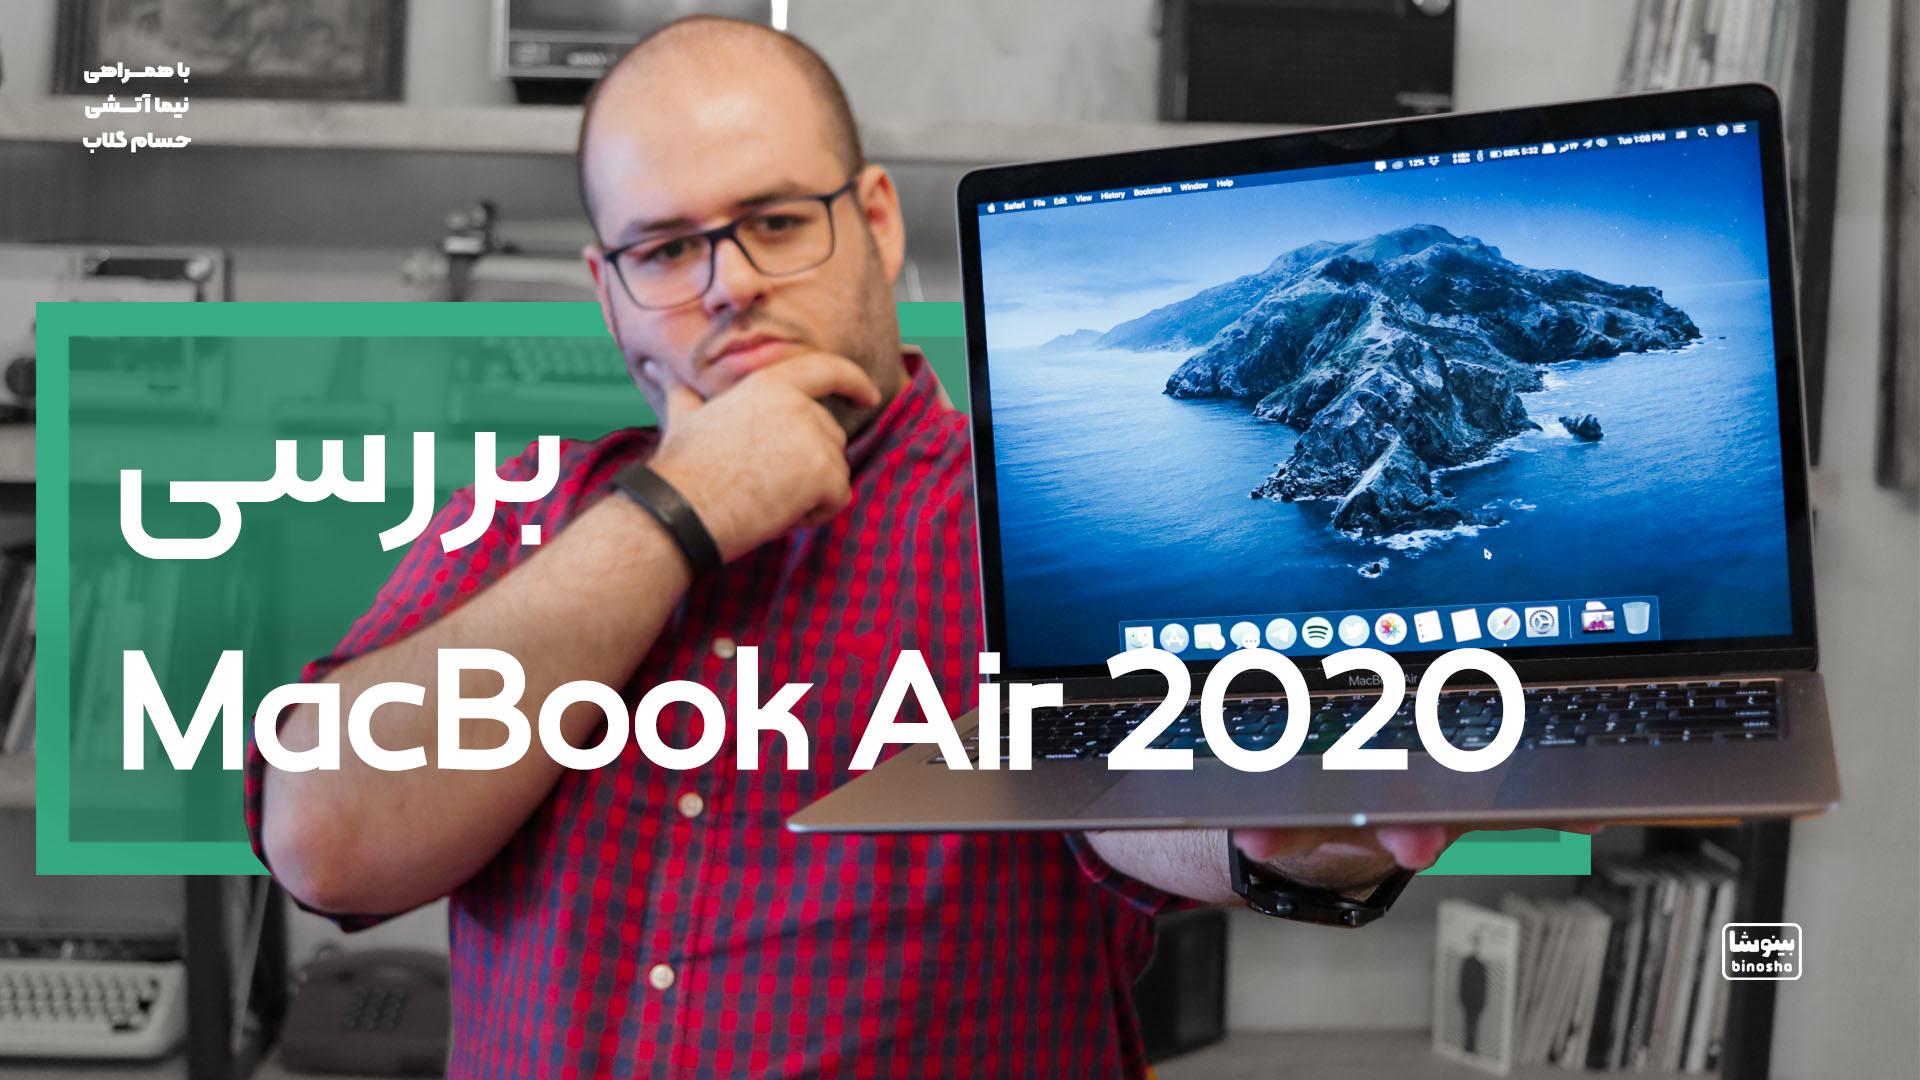 بررسی مکبوک ایر ۲۰۲۰ ( ارزانترین لپتاپ اپل ) | Apple Macbook Air 2020 review